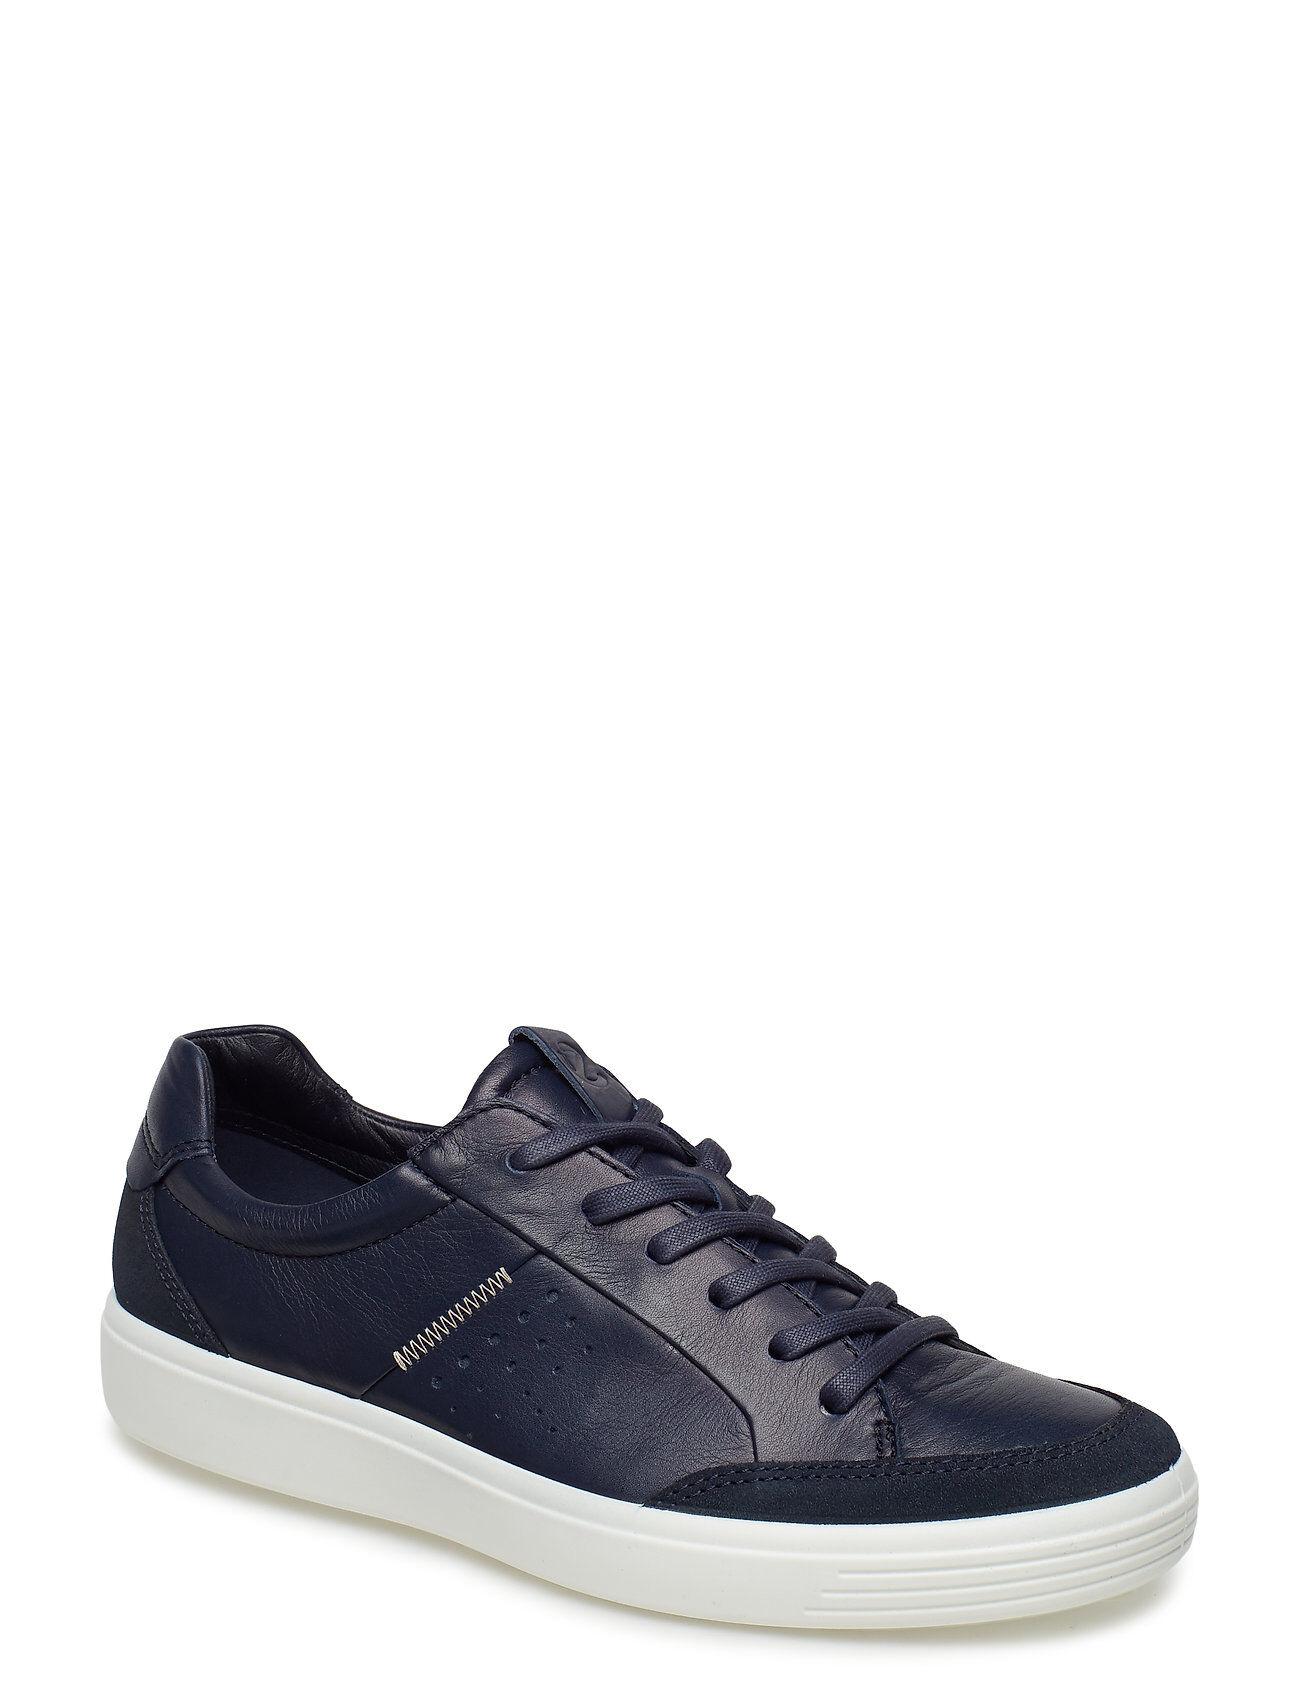 ECCO Soft 7 M Matalavartiset Sneakerit Tennarit Sininen